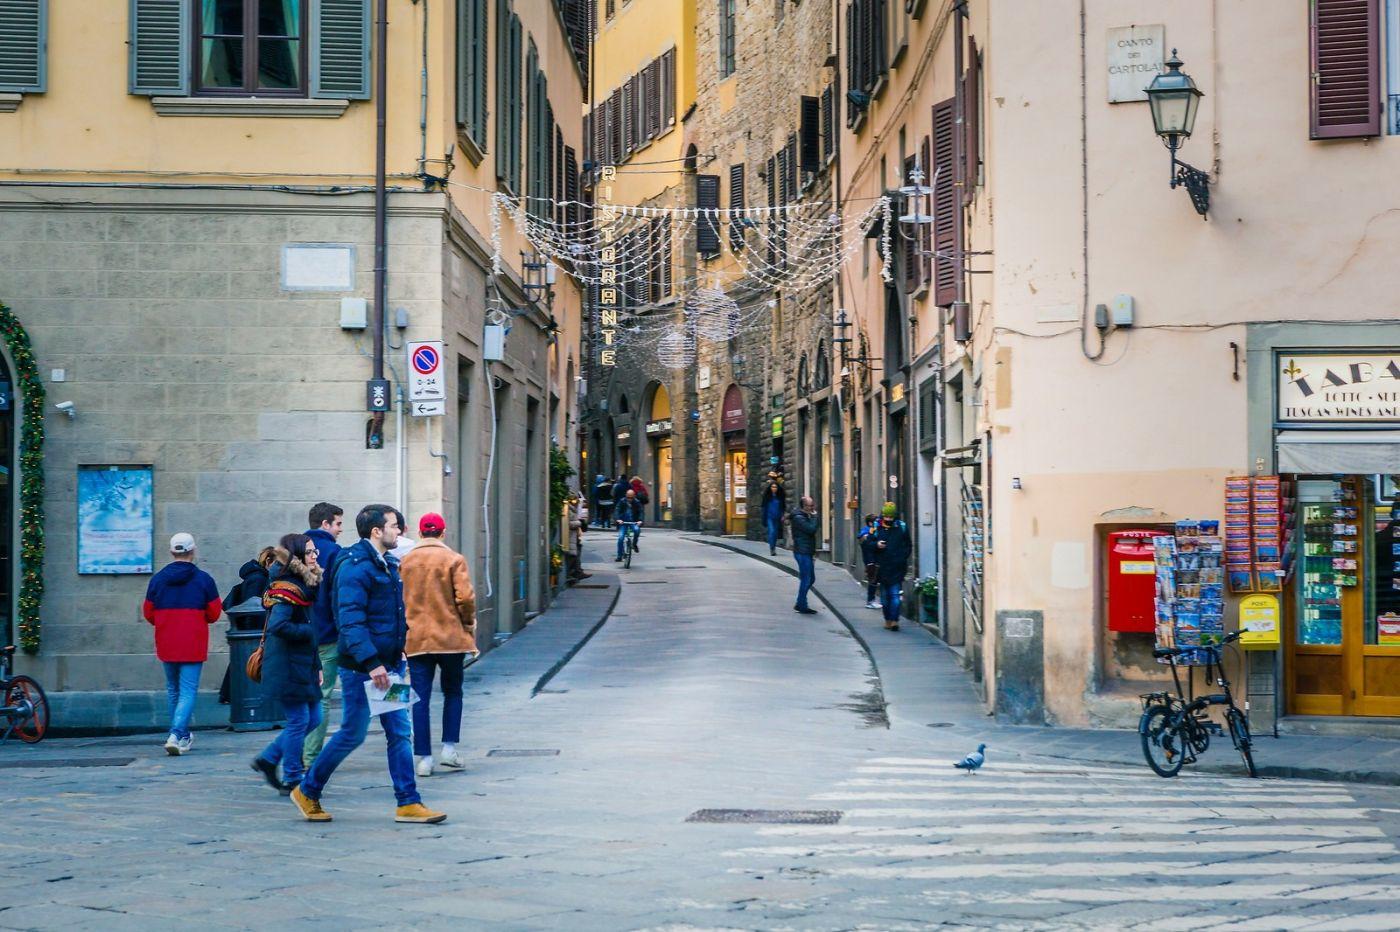 意大利佛罗伦萨(Florence),小街文化_图1-5